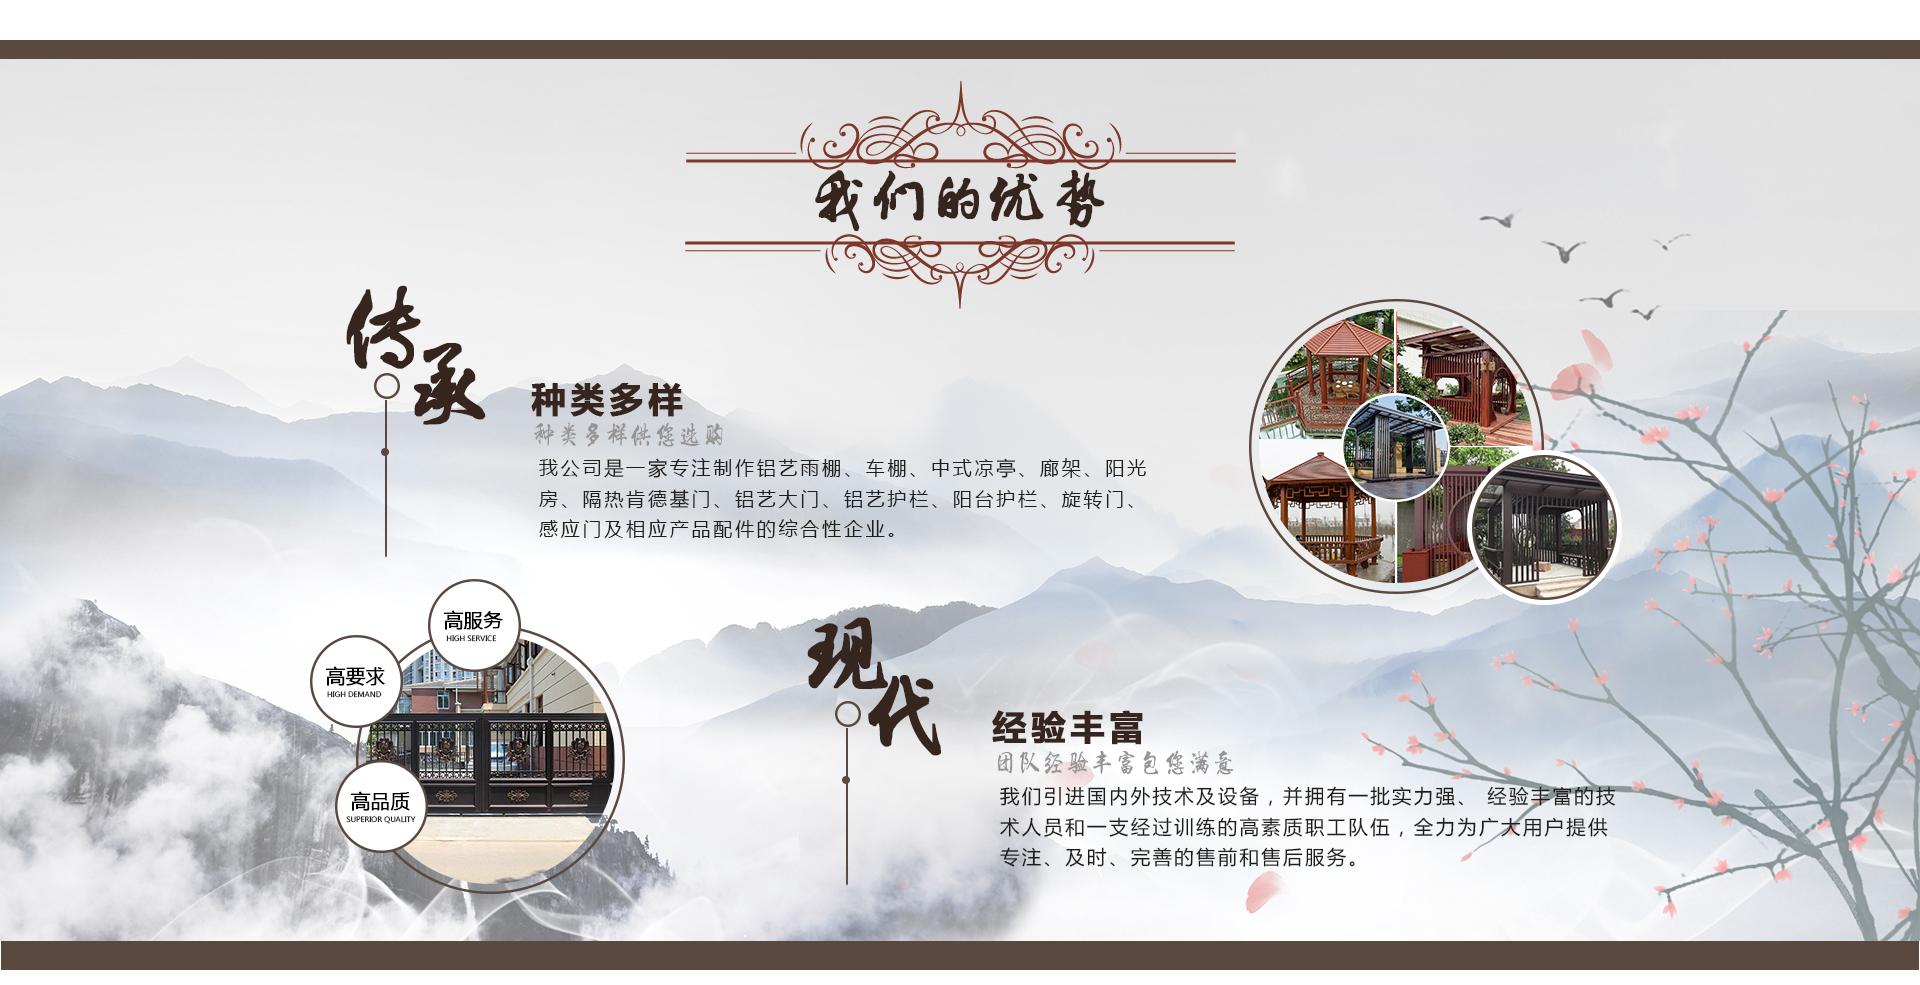 潍坊联洋金属制品有限公司